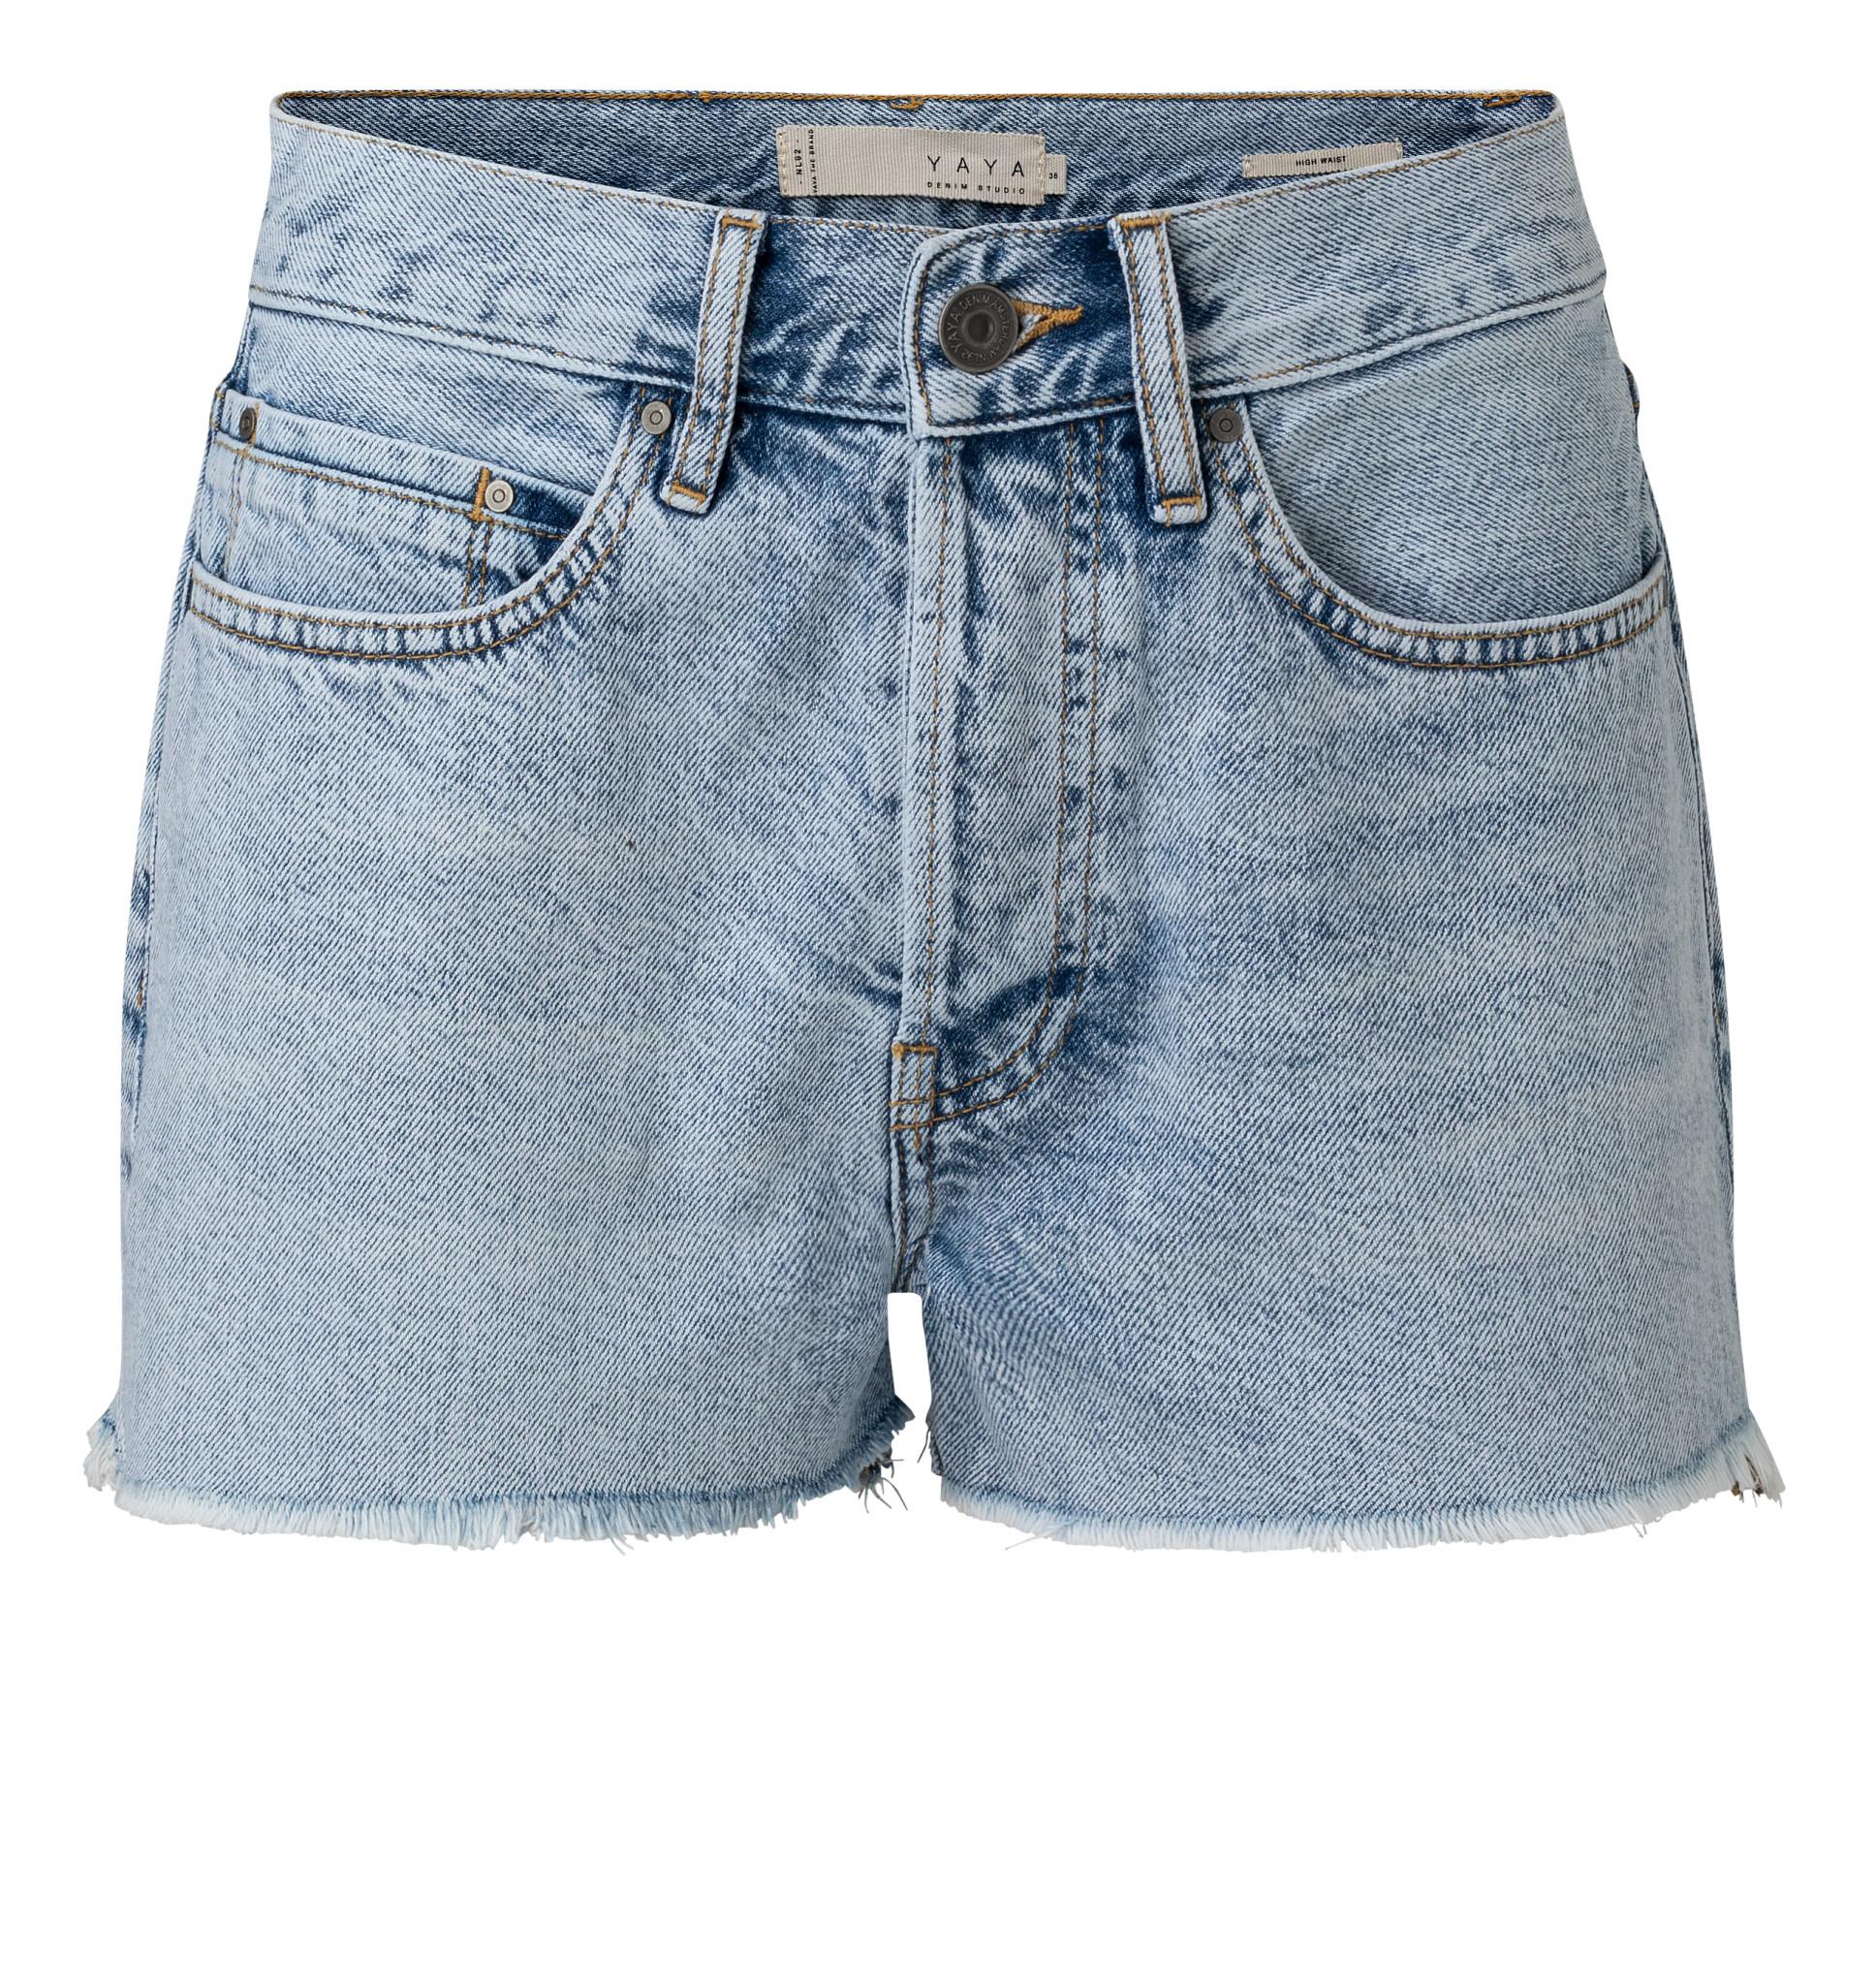 YAYA Women Cotton high waist denim short